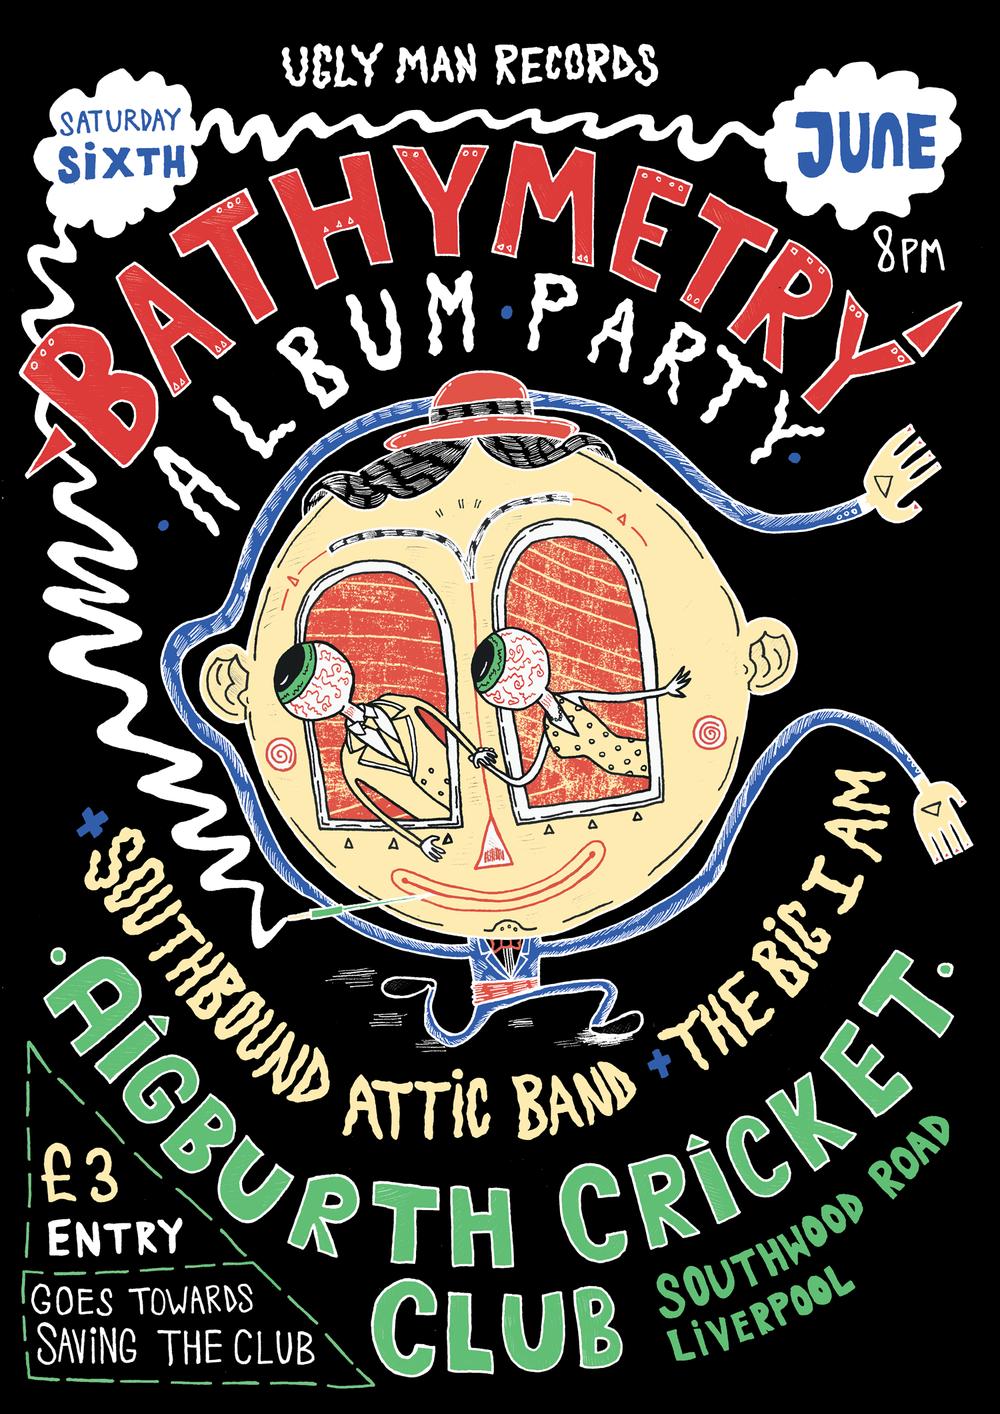 Poster by:Anthony Jaycott - Illustrator